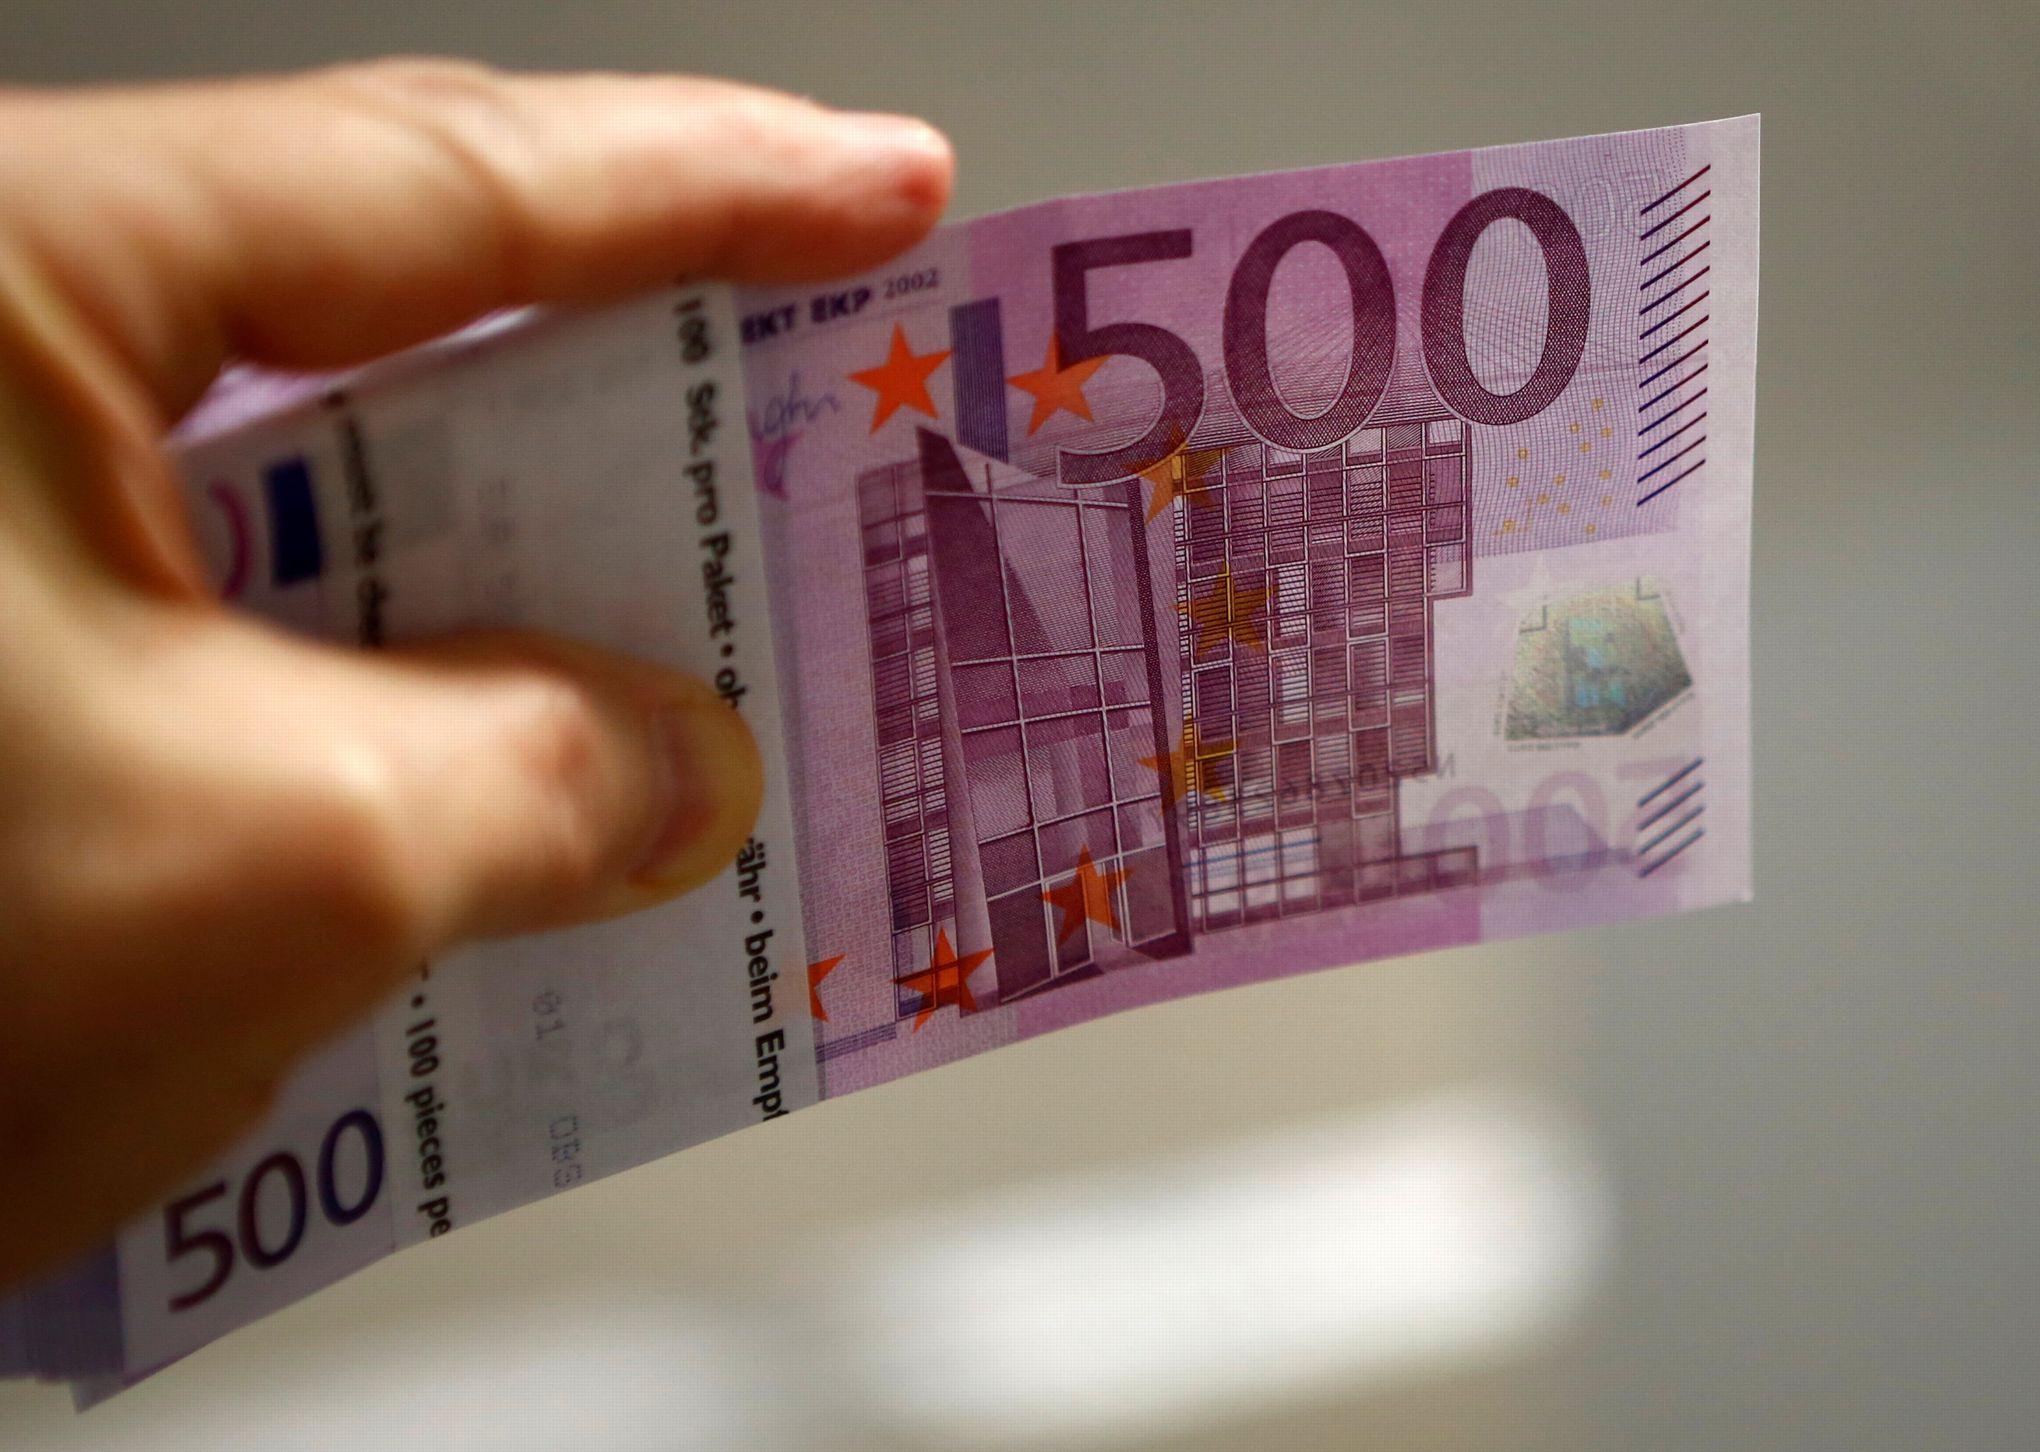 Après Le «500 Euros», Les Billets Menacés ? encequiconcerne Billet Euro A Imprimer